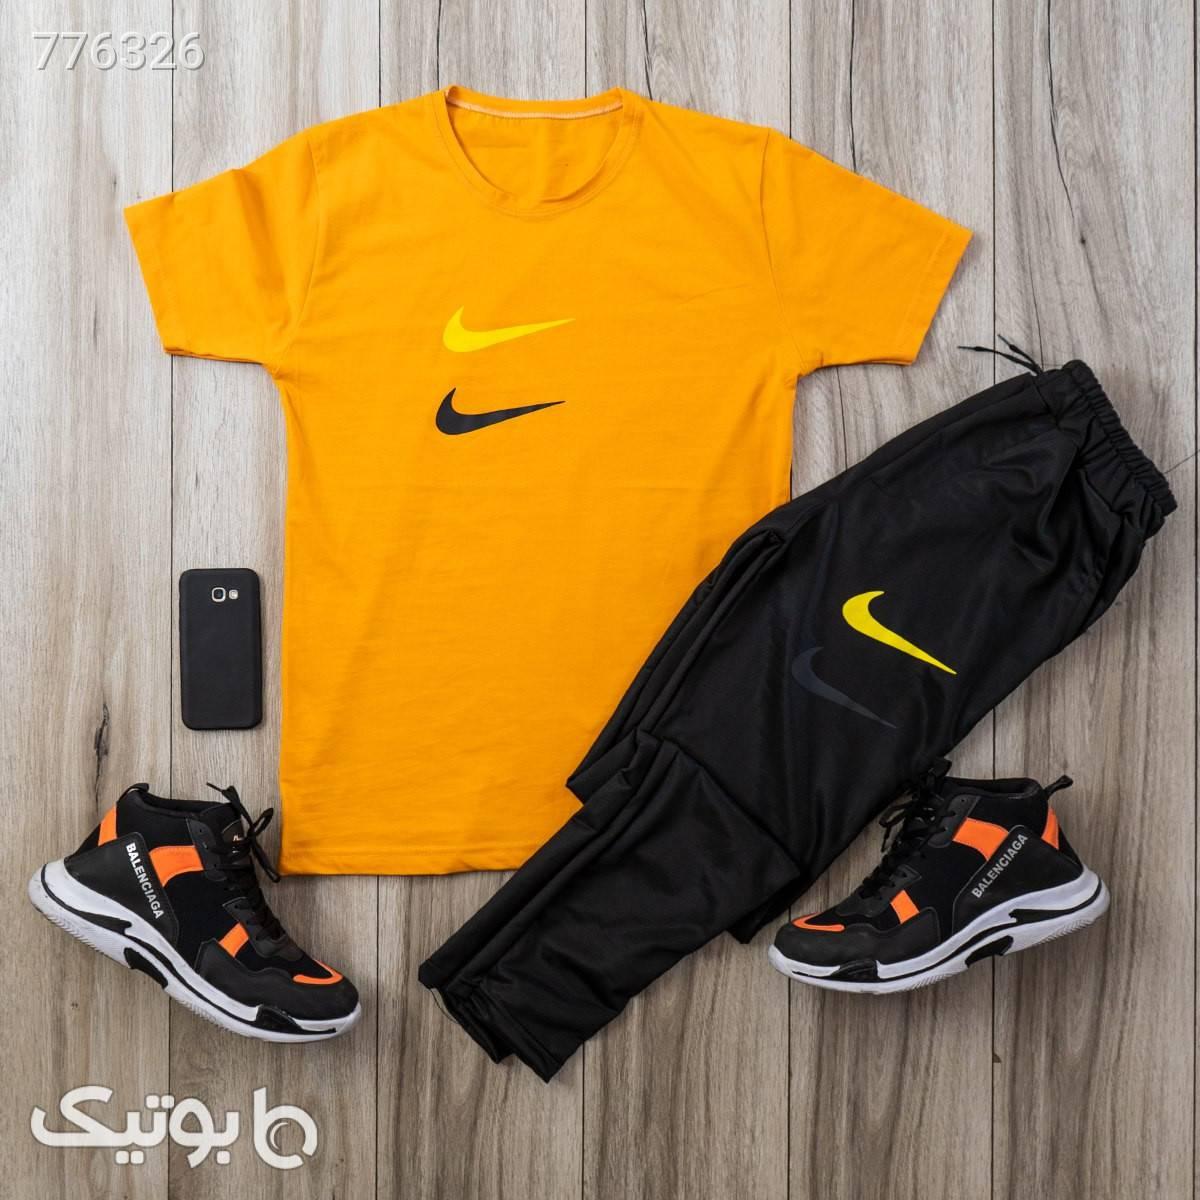 ست تيشرت شلوار Nike مردانه مدل Dandy زرد تی شرت و پولو شرت مردانه